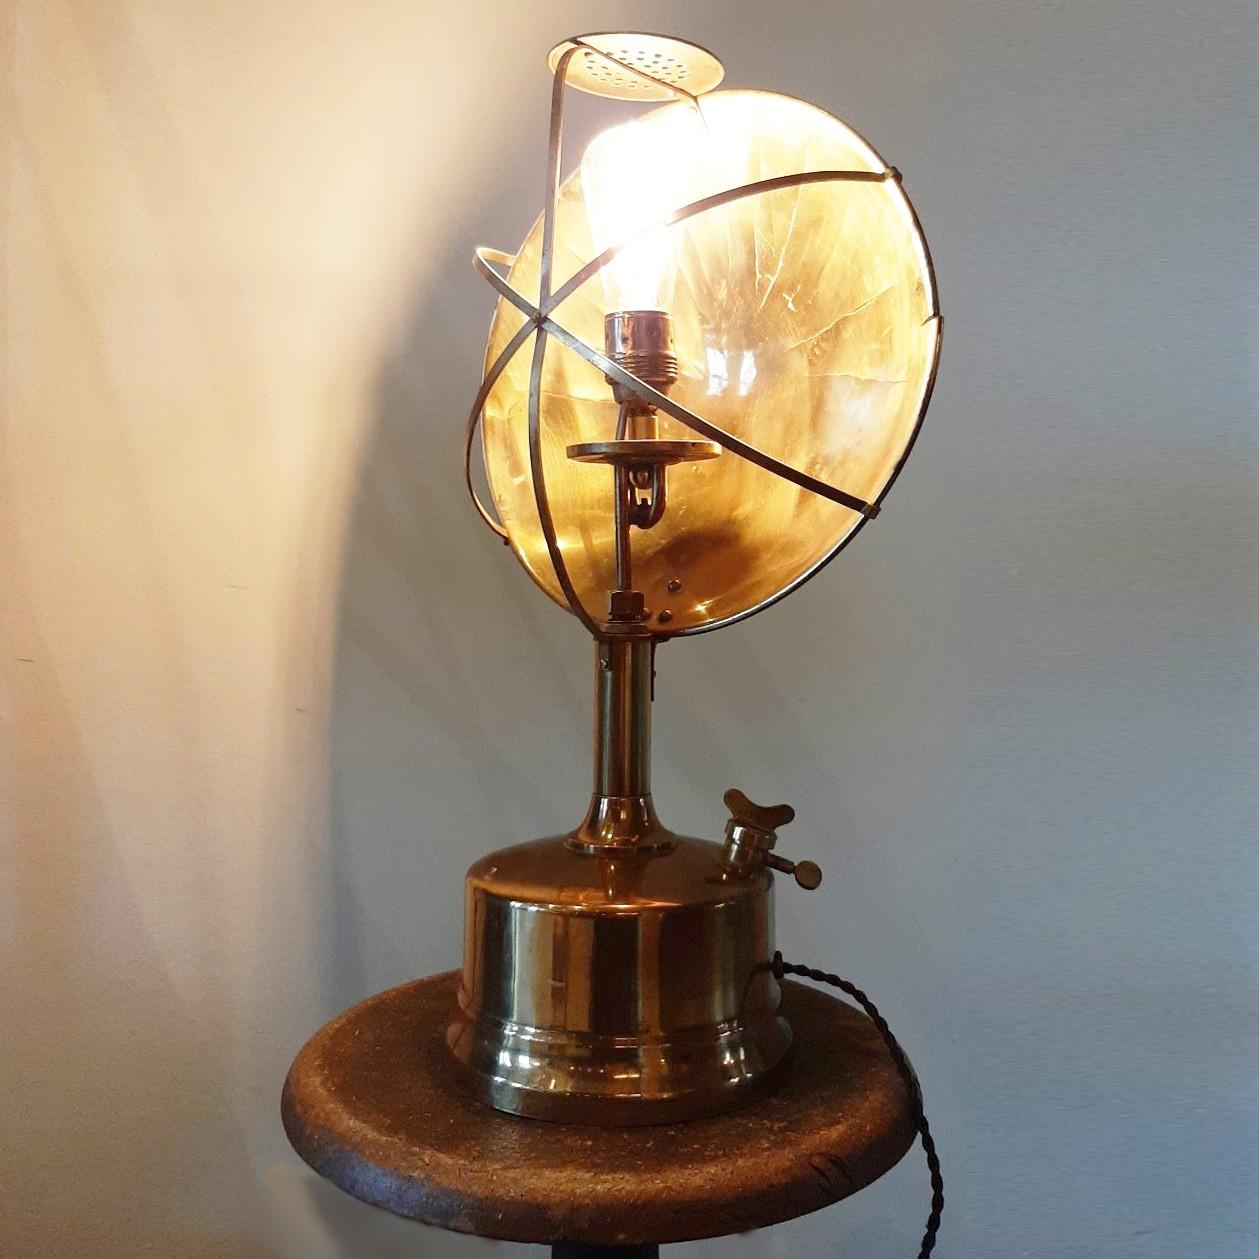 Industrielle Tischlampe aus alten Materialien